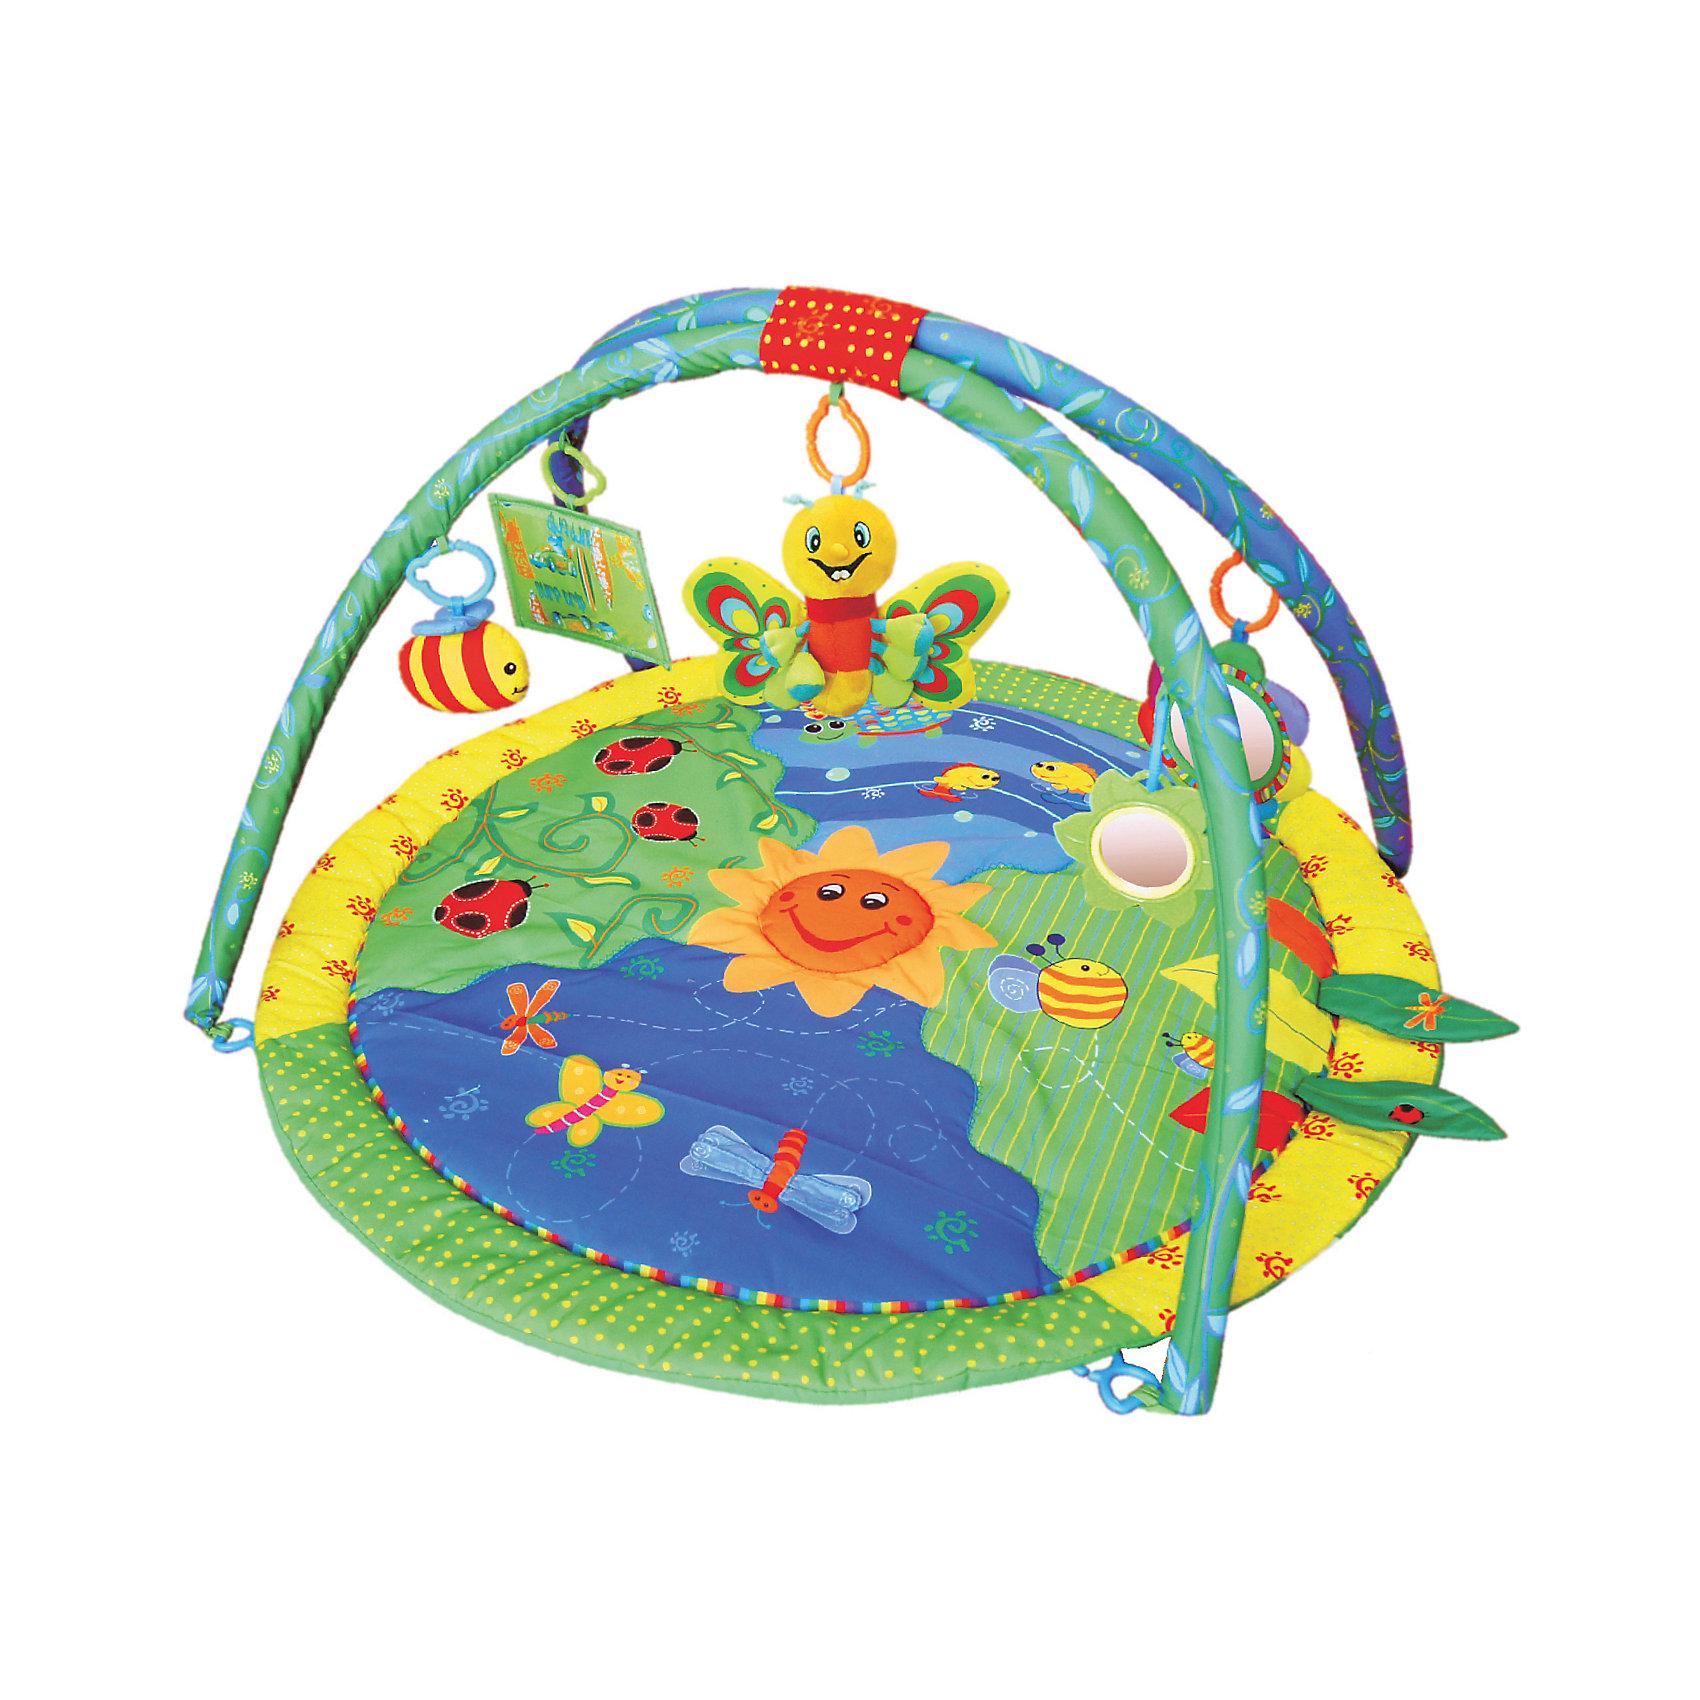 Жирафики Развивающий коврик Лето, Жирафики жирафики развивающая игрушка цветной мячик в ассорименте жирафики